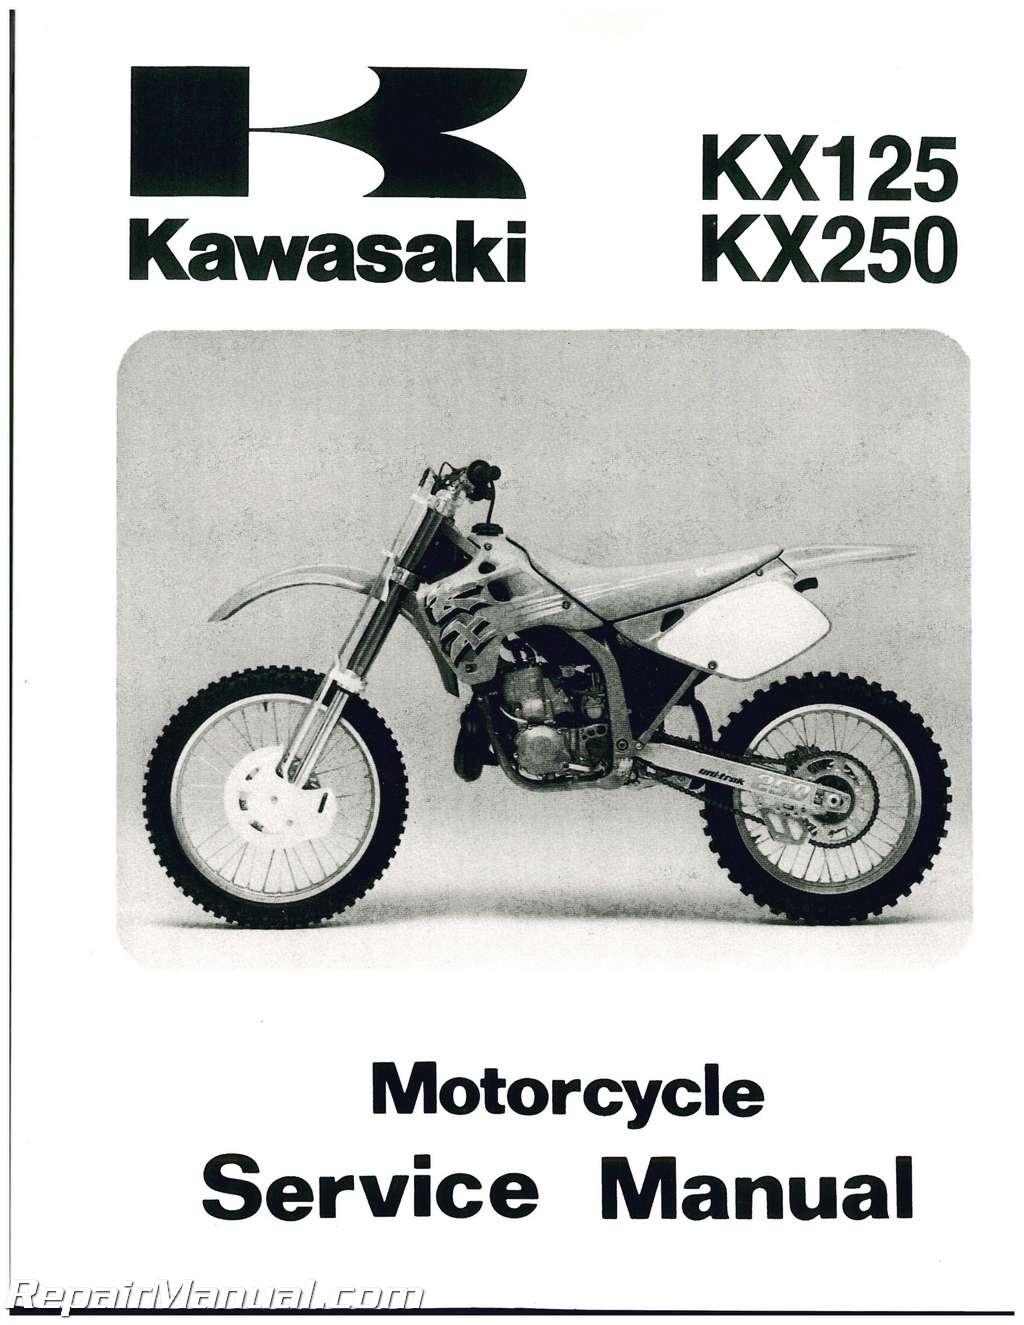 Kawasaki Klx Americanlisted together with Tumblr Lb V Gibeh Qb Rxc moreover Maxresdefault together with Hqdefault together with Mojave. on kawasaki mojave 250 atv